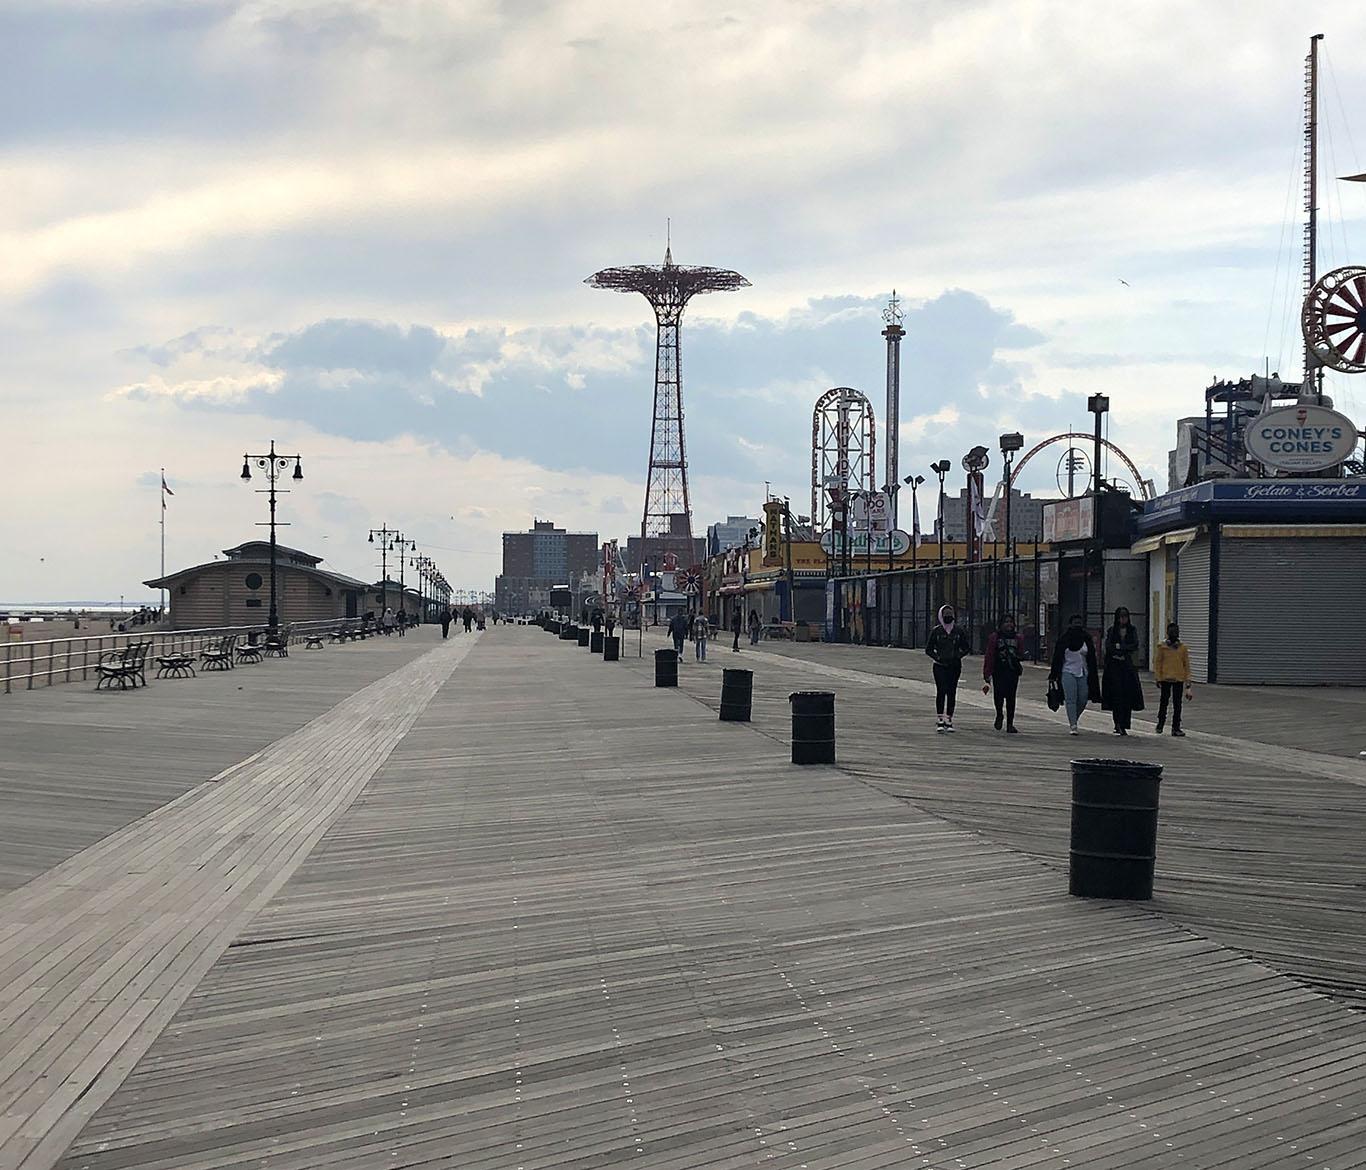 Calçadão da praia de Coney Island, onde ocorre o Desfile da Sereia (Mermaid Parade) (Foto: Sandra Colicino)